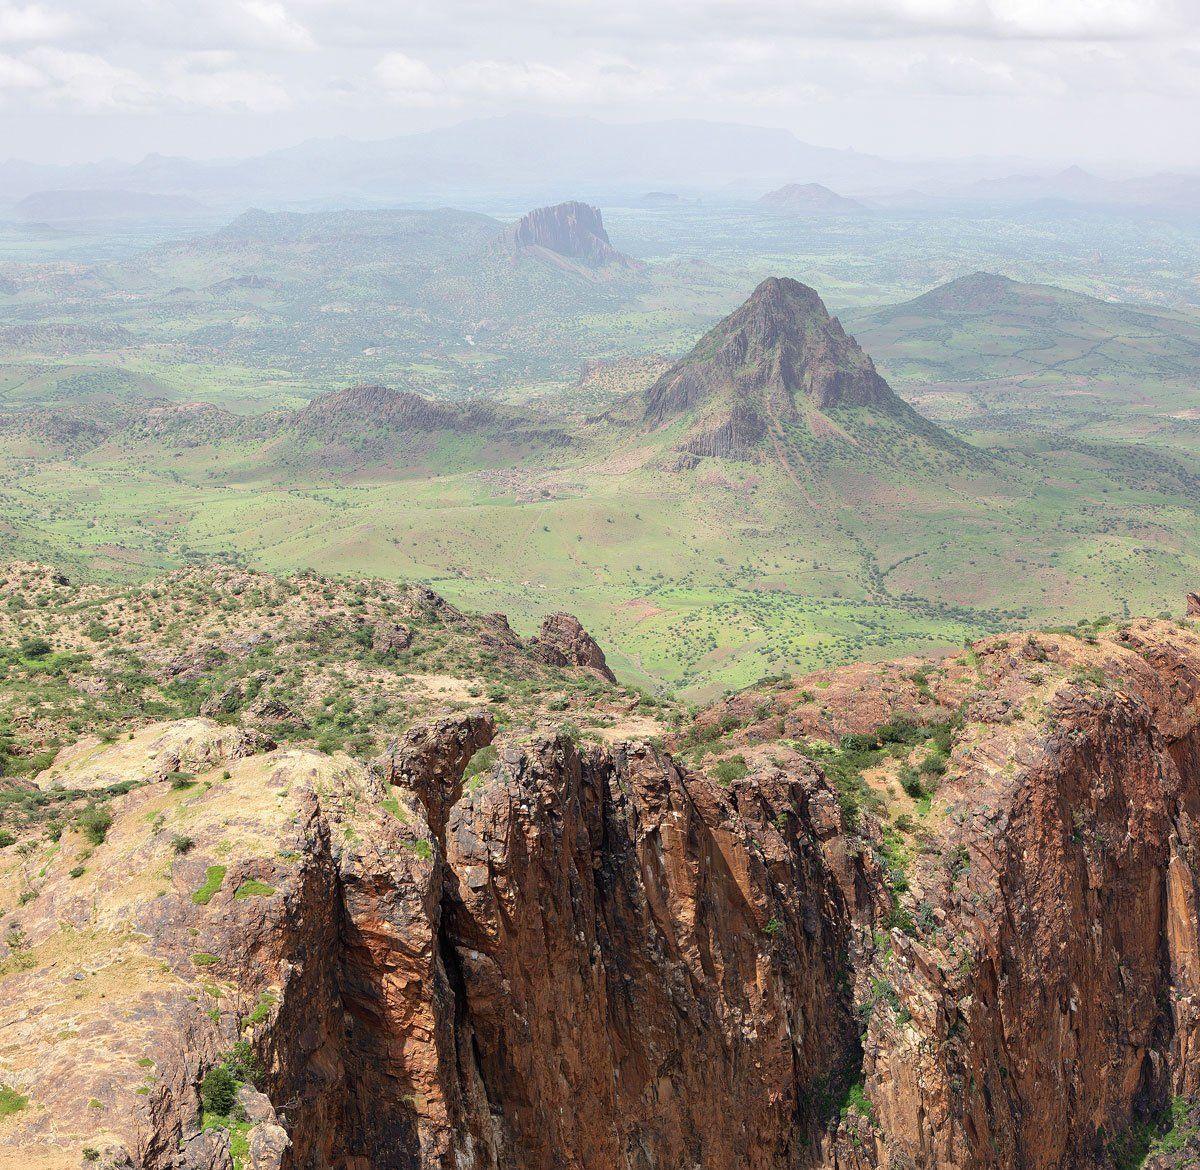 горы, пейзаж, африка, судан, дарфур, полёт, Олег Загидуллин